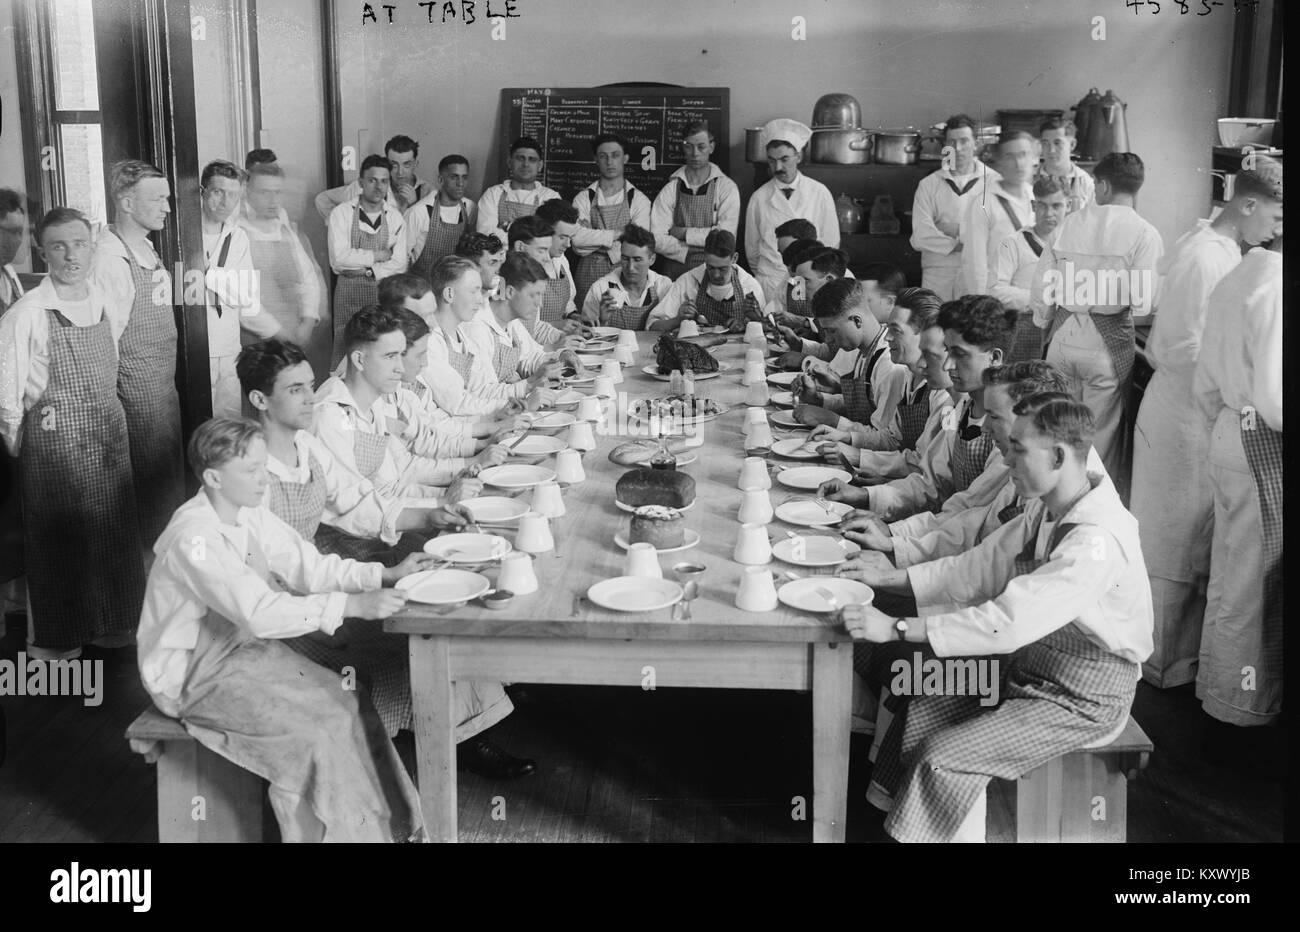 Midshipmen am Esstisch Essen in Bildung Stockbild